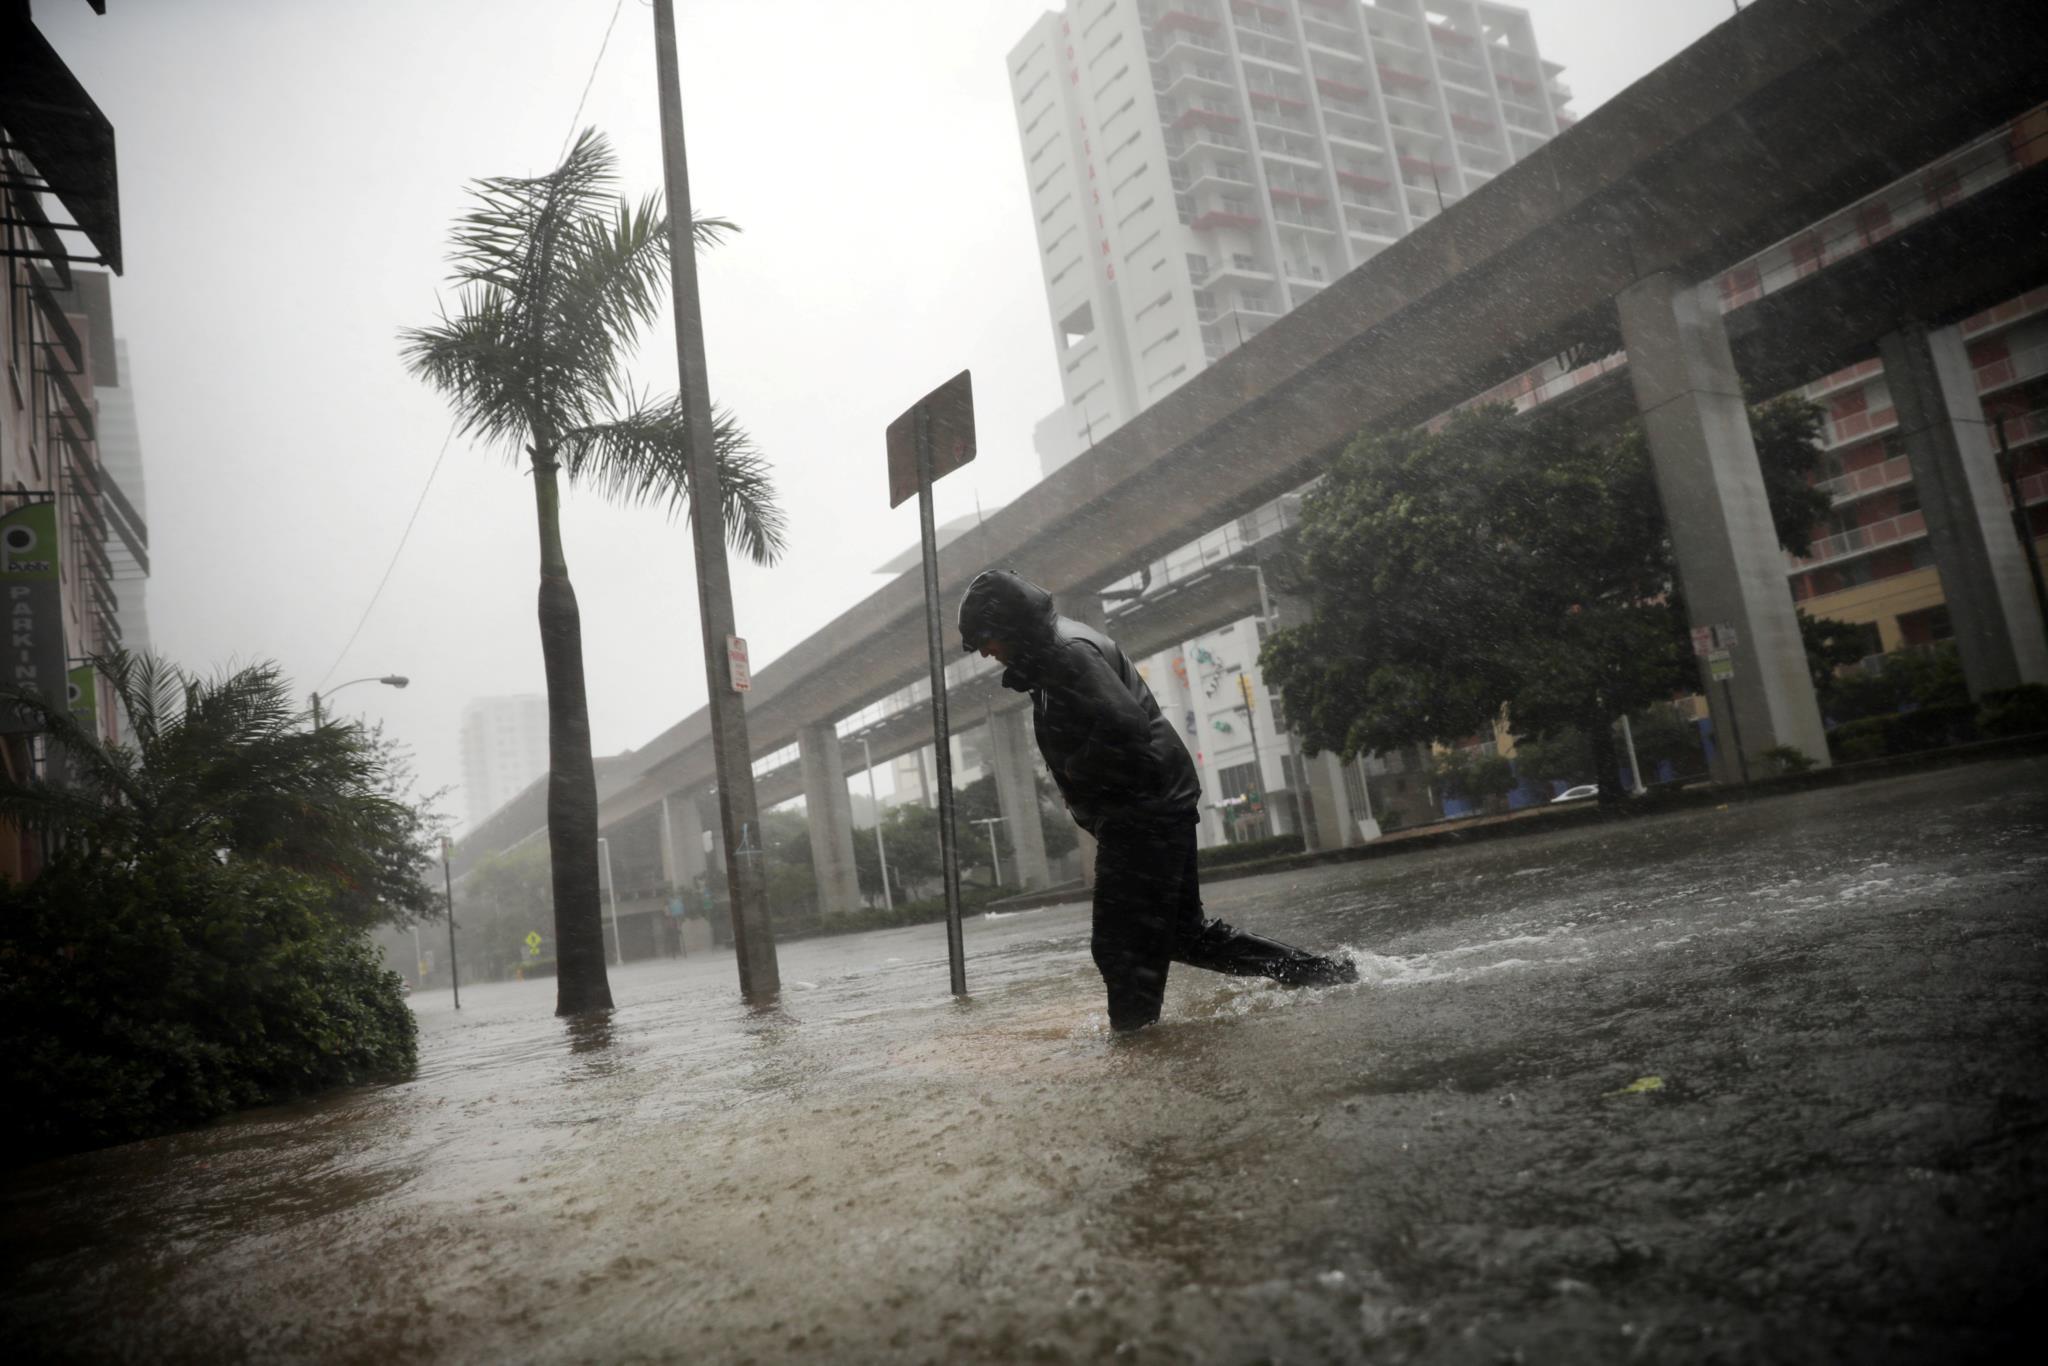 A baixa de Miami transformou-se num lago gigante horas depois de o furacão <i>Irma<i> ter chegado à Florida.